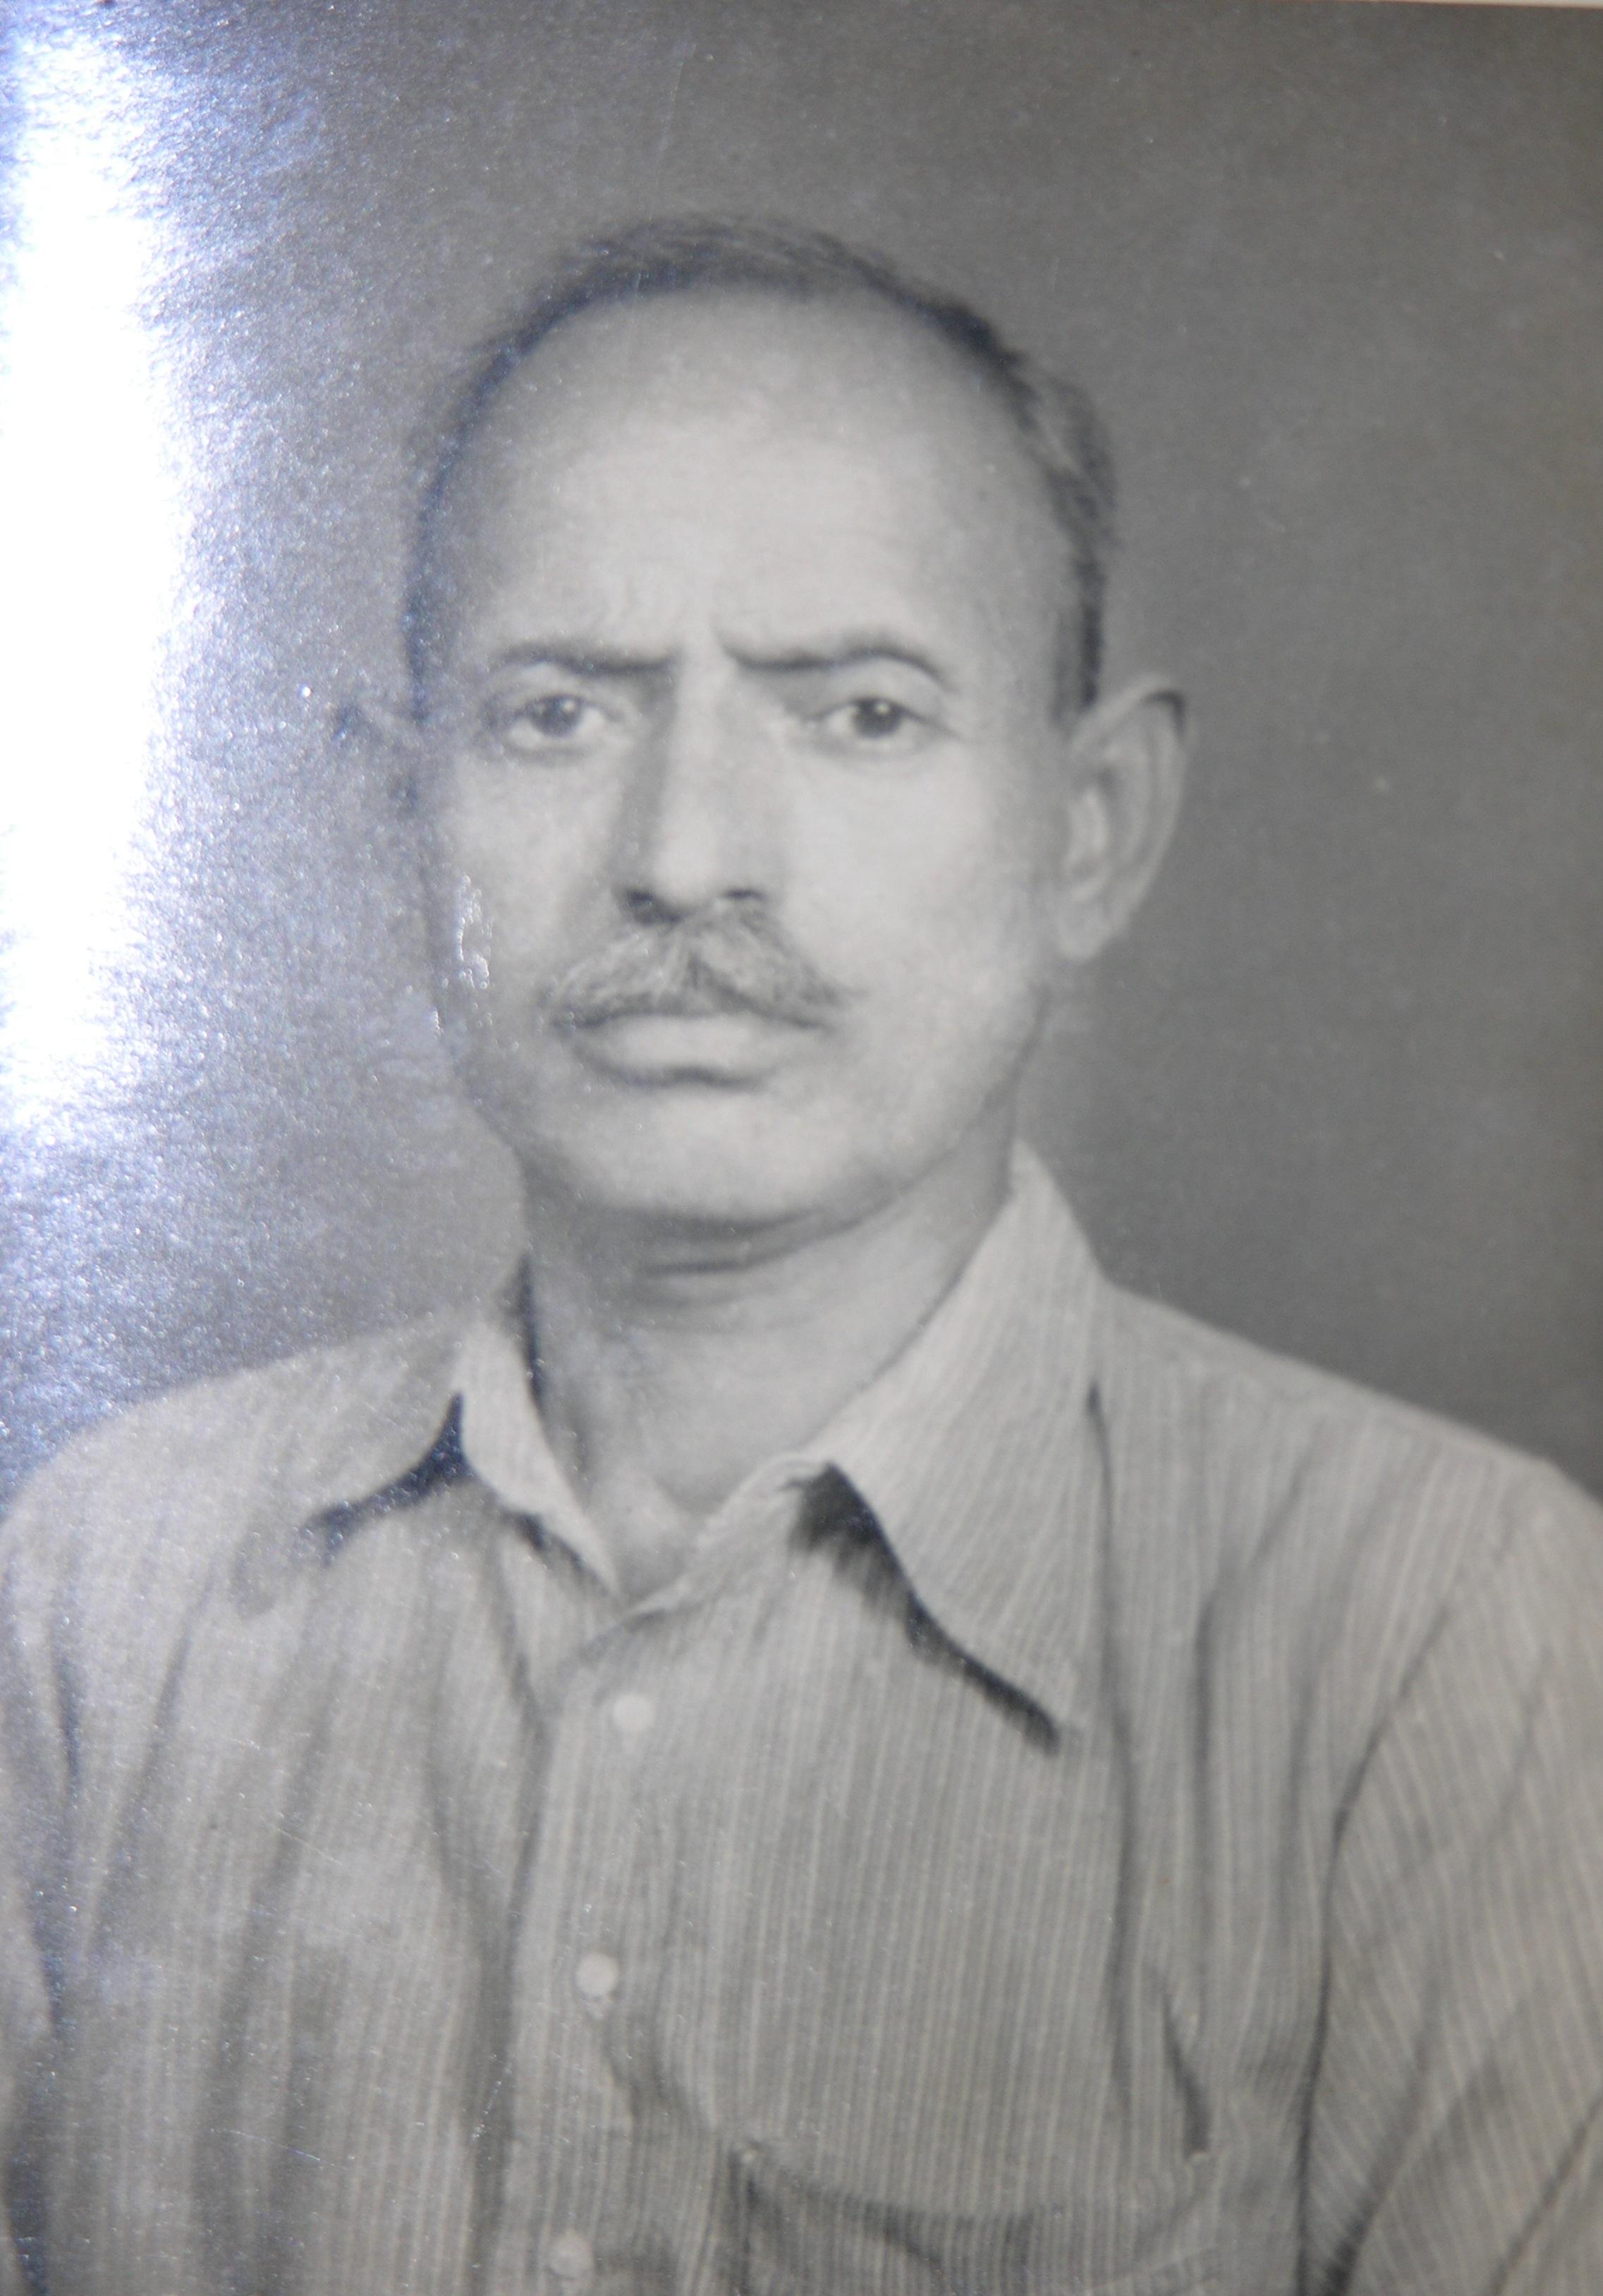 बिंदेश्वरी प्रसाद सिन्हा, जिन्होंने अपनी लेखनी से दी बिहार को नई पहचान।